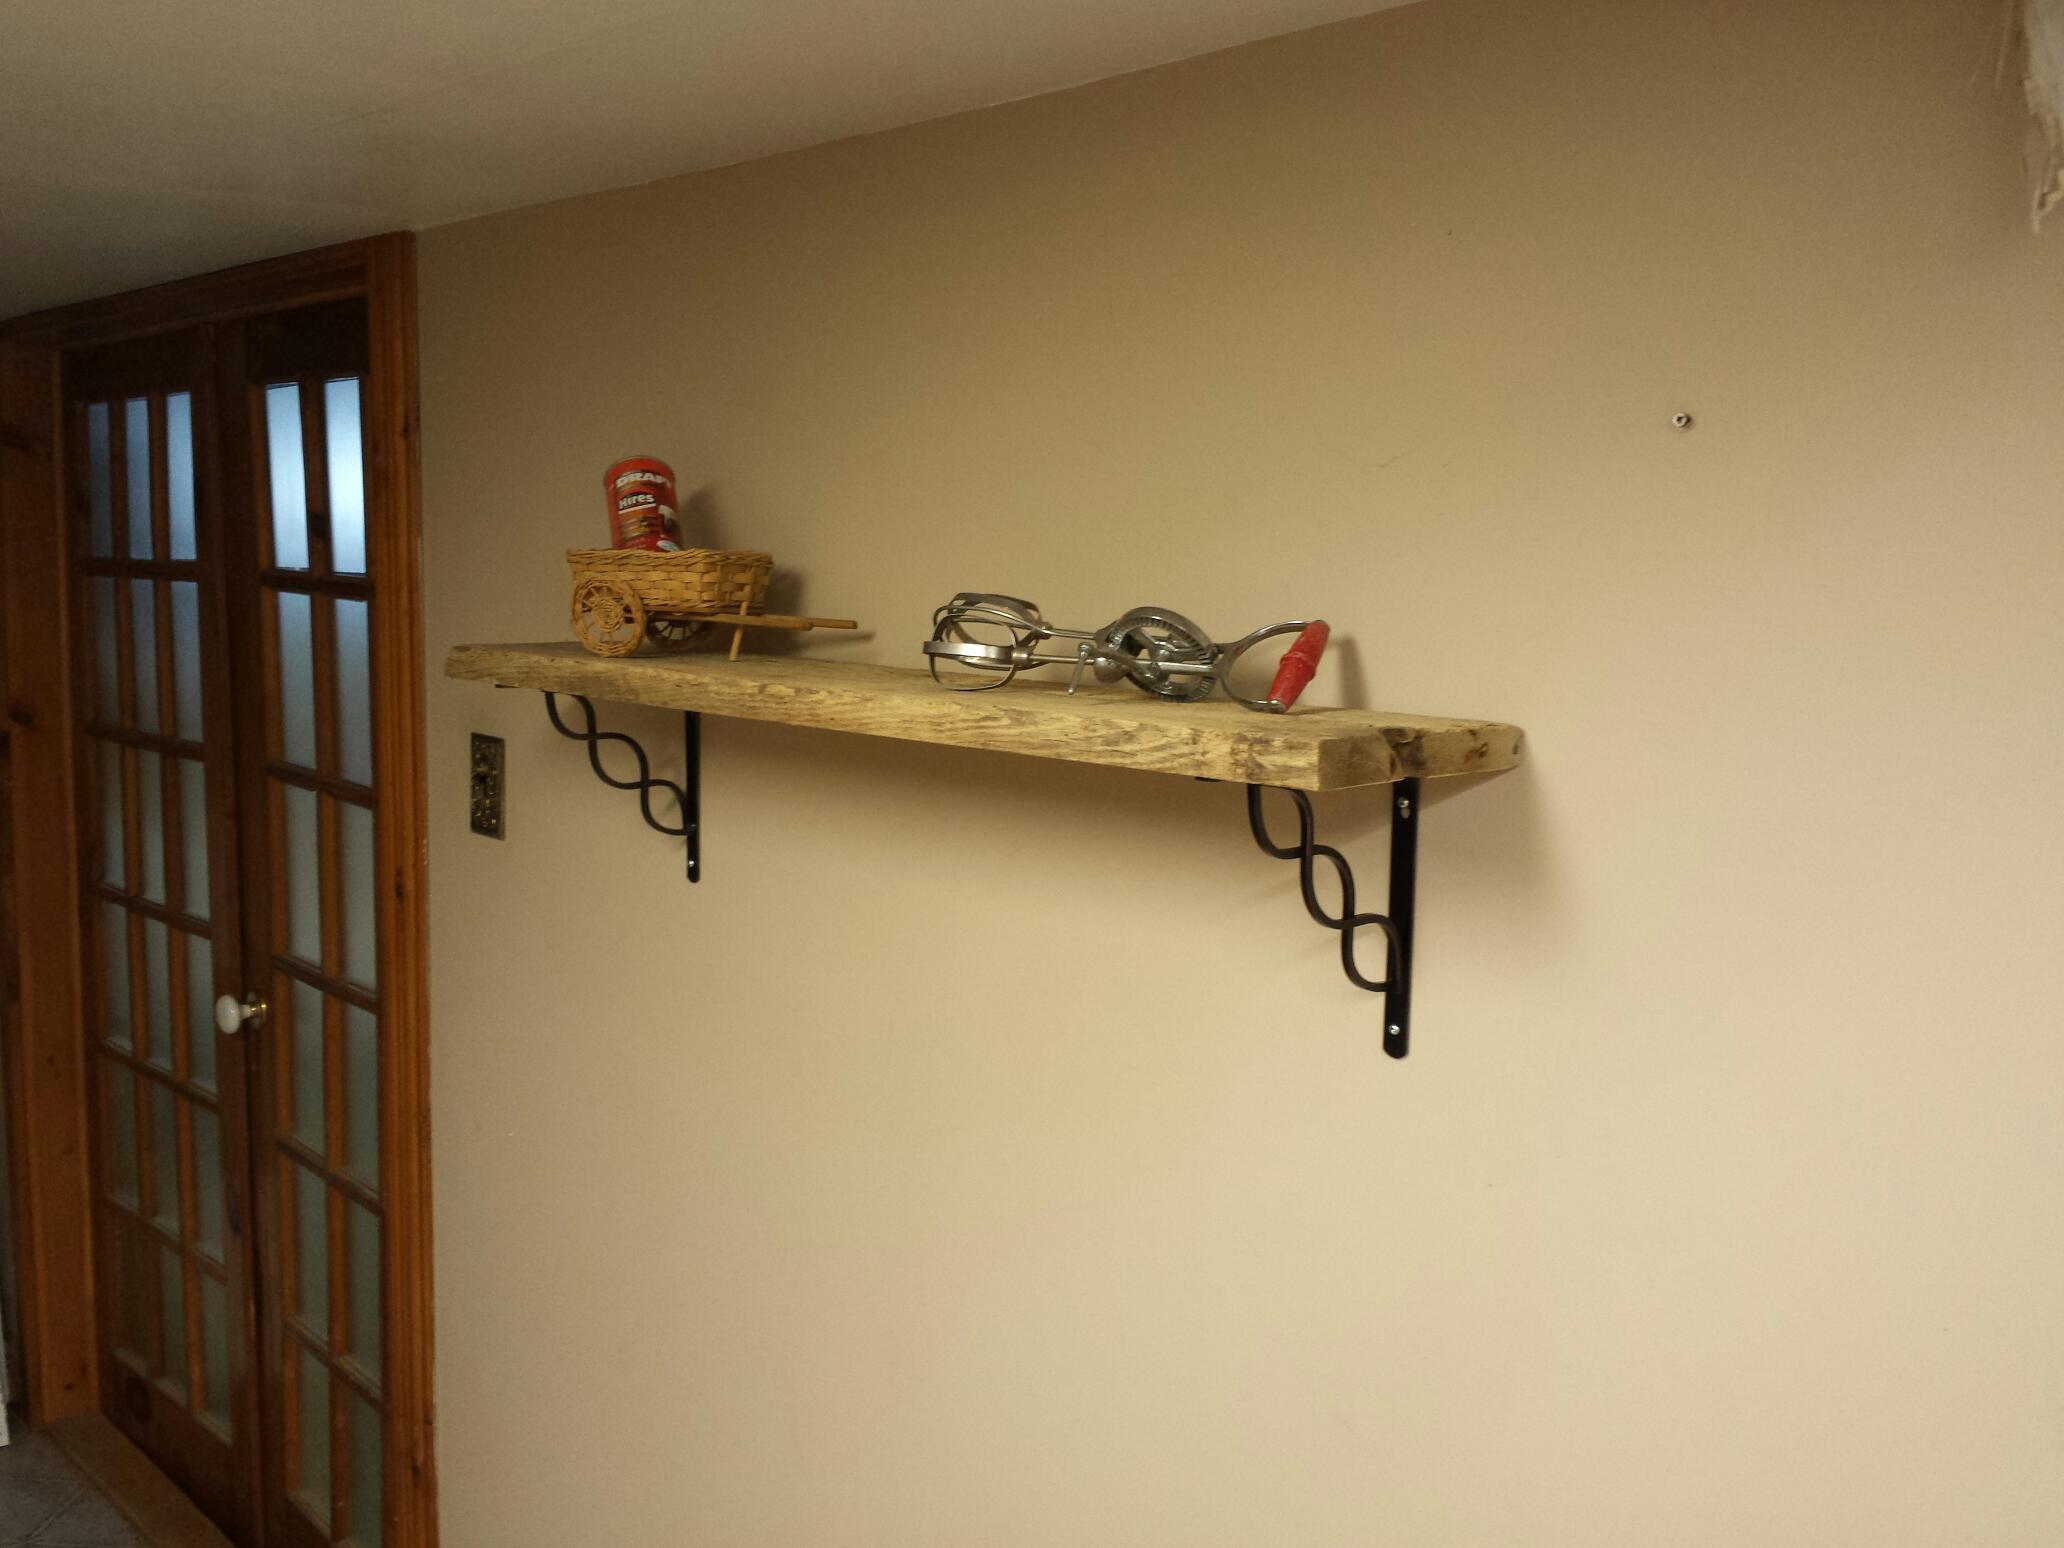 rustik bois de grange mobiliers en bois massif haut de gamme tablette rustique. Black Bedroom Furniture Sets. Home Design Ideas